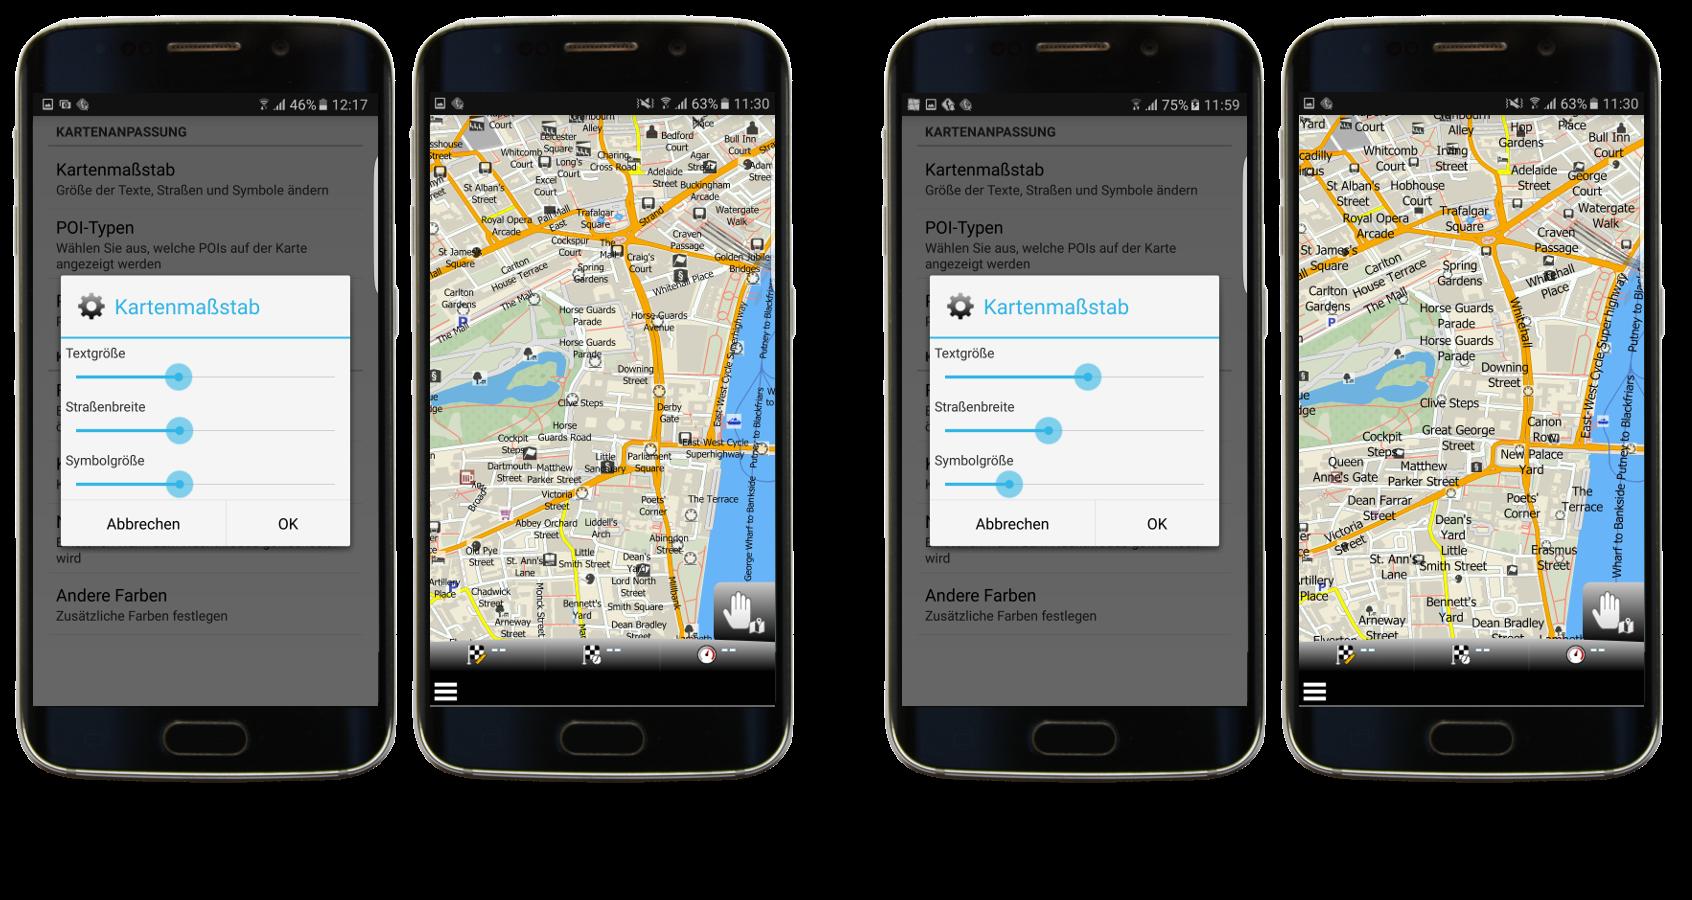 Standardmäßige und angepasste Kartenmaßstab-Einstellung in mapfactor Navigator